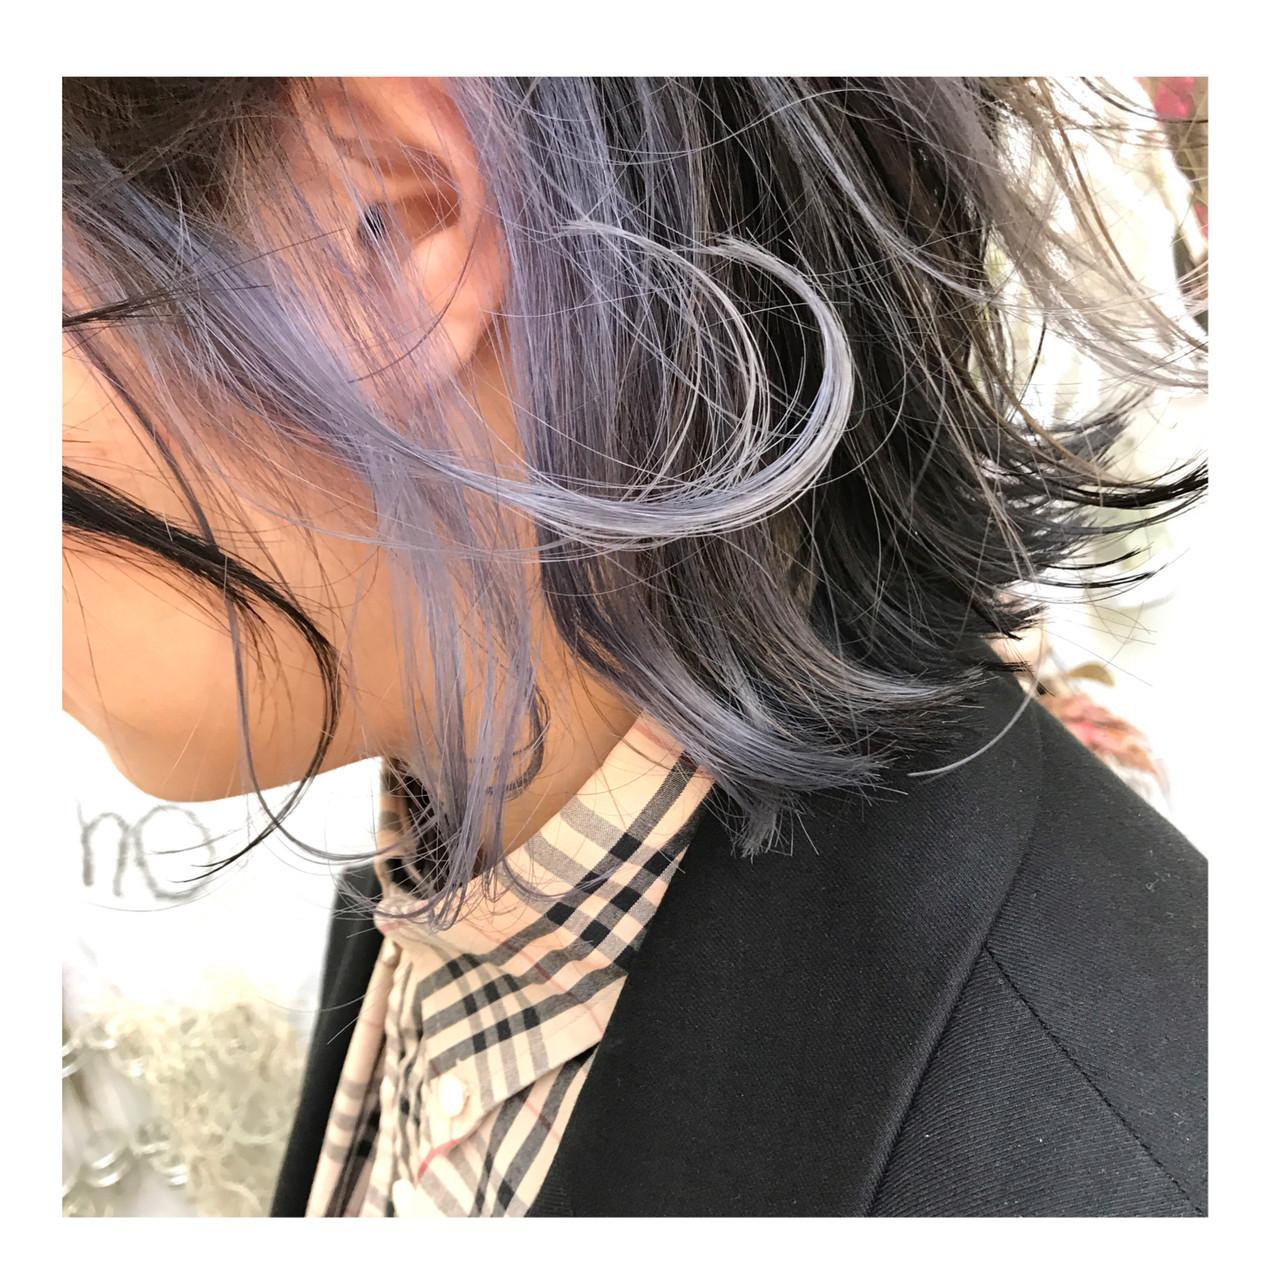 ハイトーン デザインカラー インナーカラー ラベンダーグレー ヘアスタイルや髪型の写真・画像